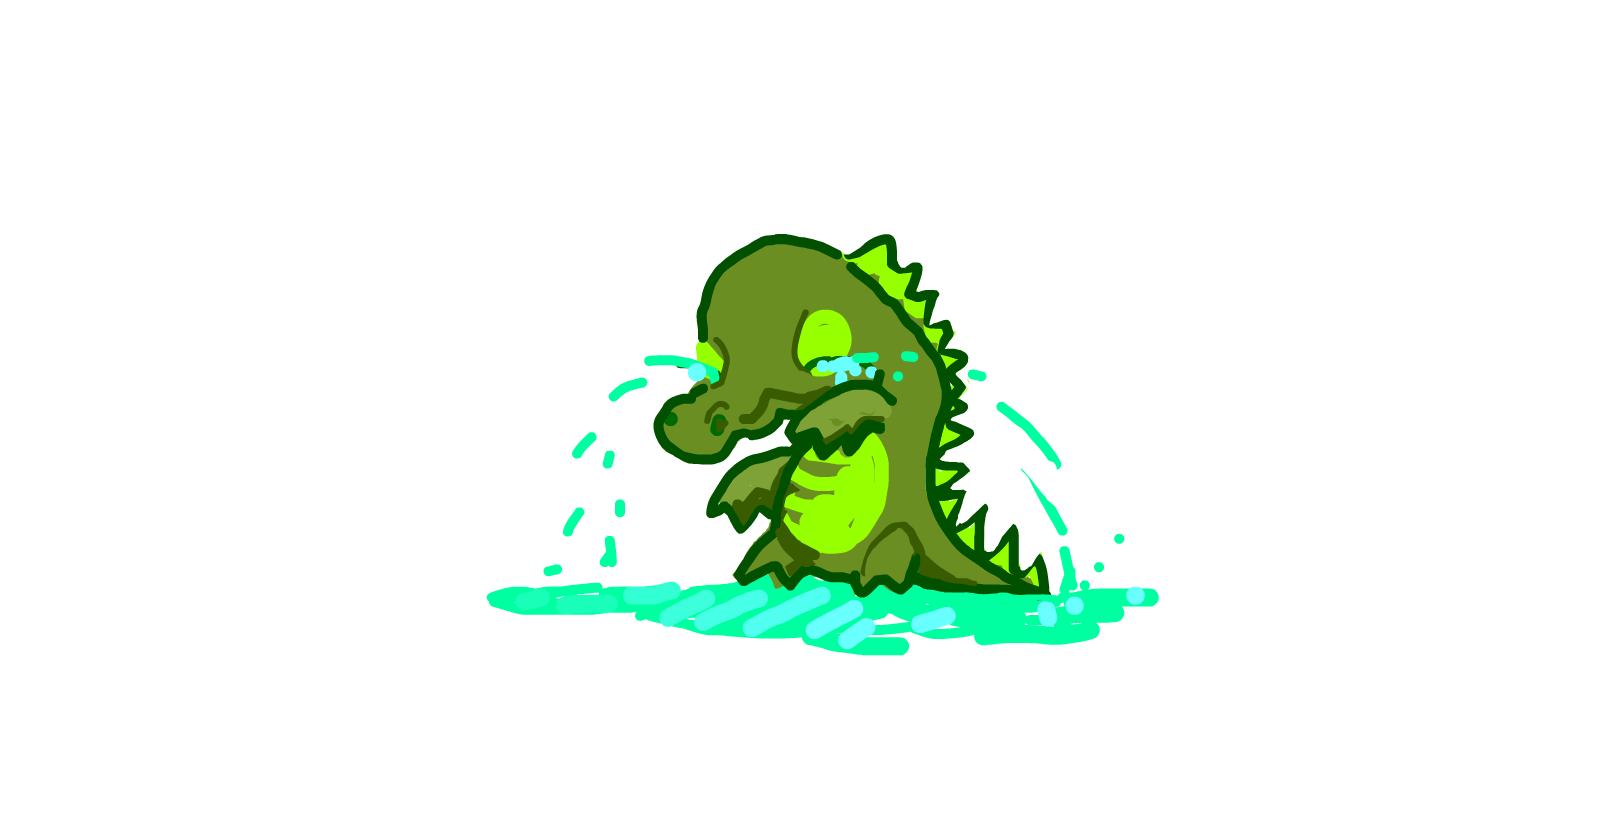 Crocodile Tears 187 Drawings 187 Sketchport